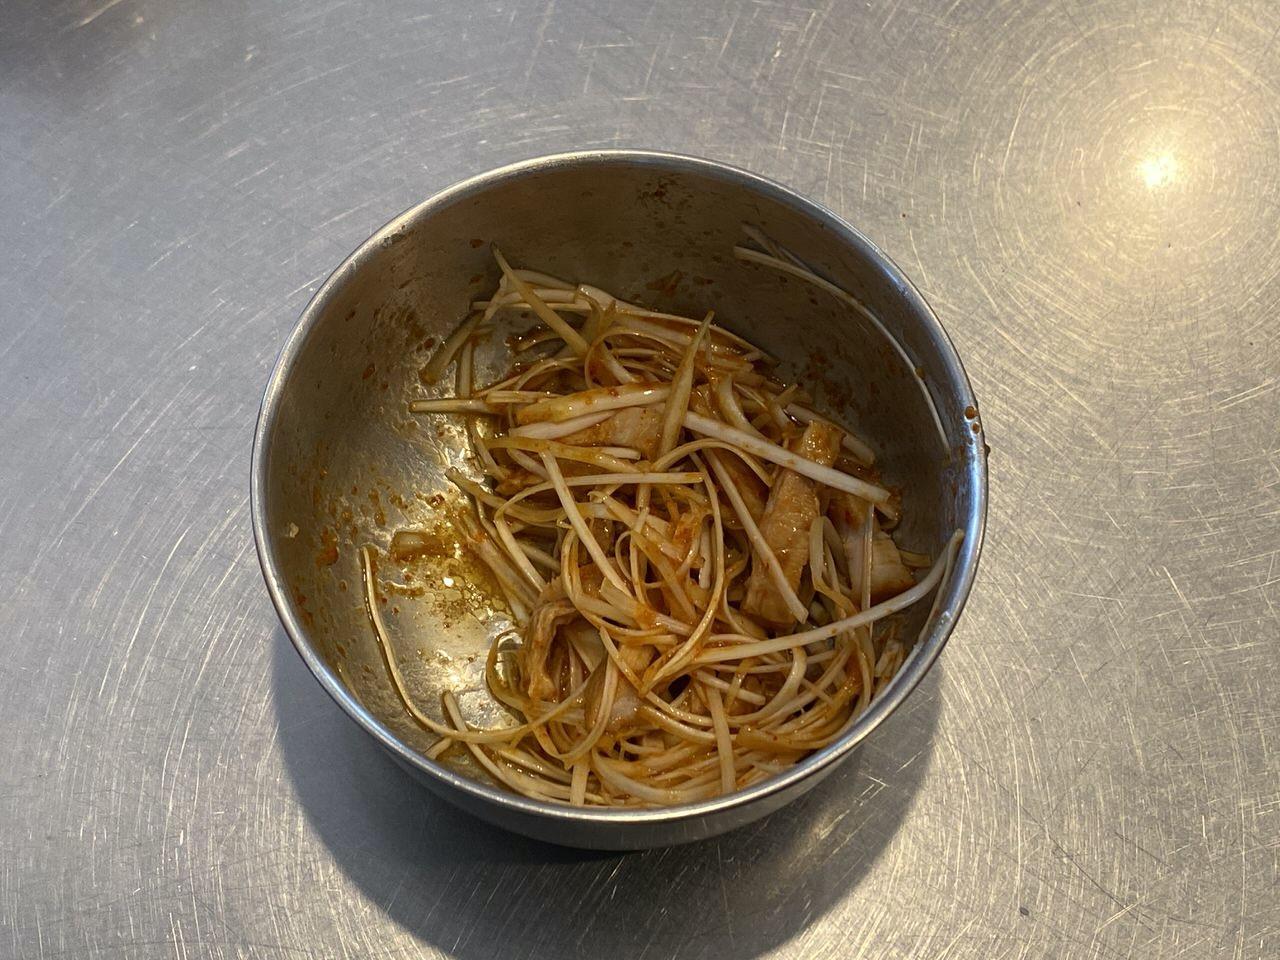 「ネギカッター」で白髪ネギを大量に生成してピリ辛ネギの美味いネギ味噌ラーメンを作る